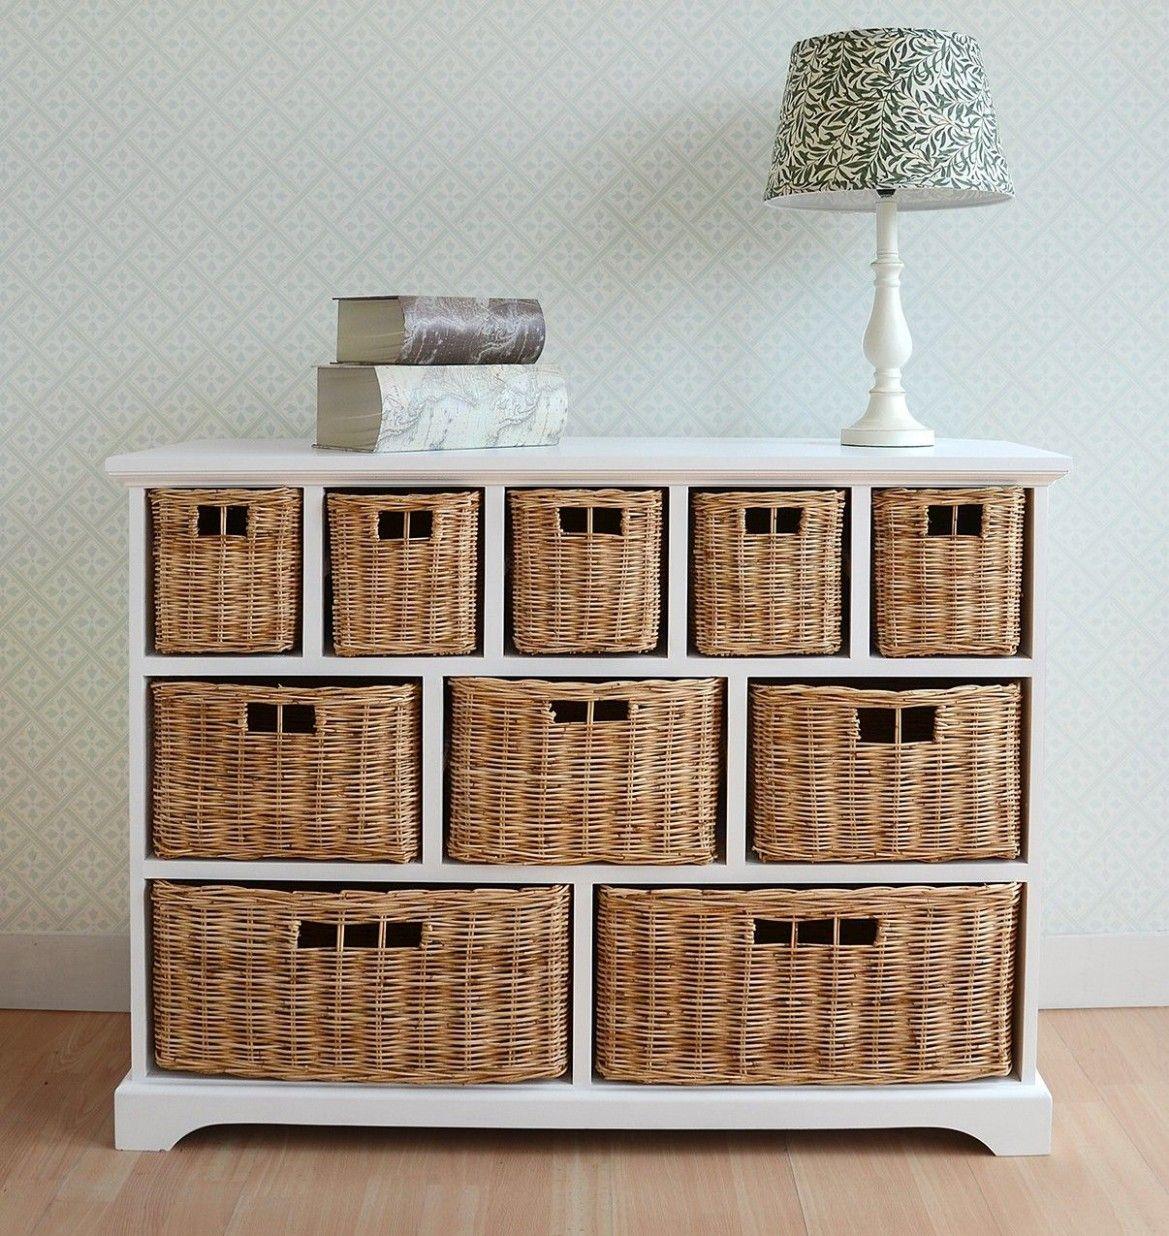 Bedroom Wicker Storage Di 2020 Keranjang Penyimpanan Ide Penyimpanan Minimalis